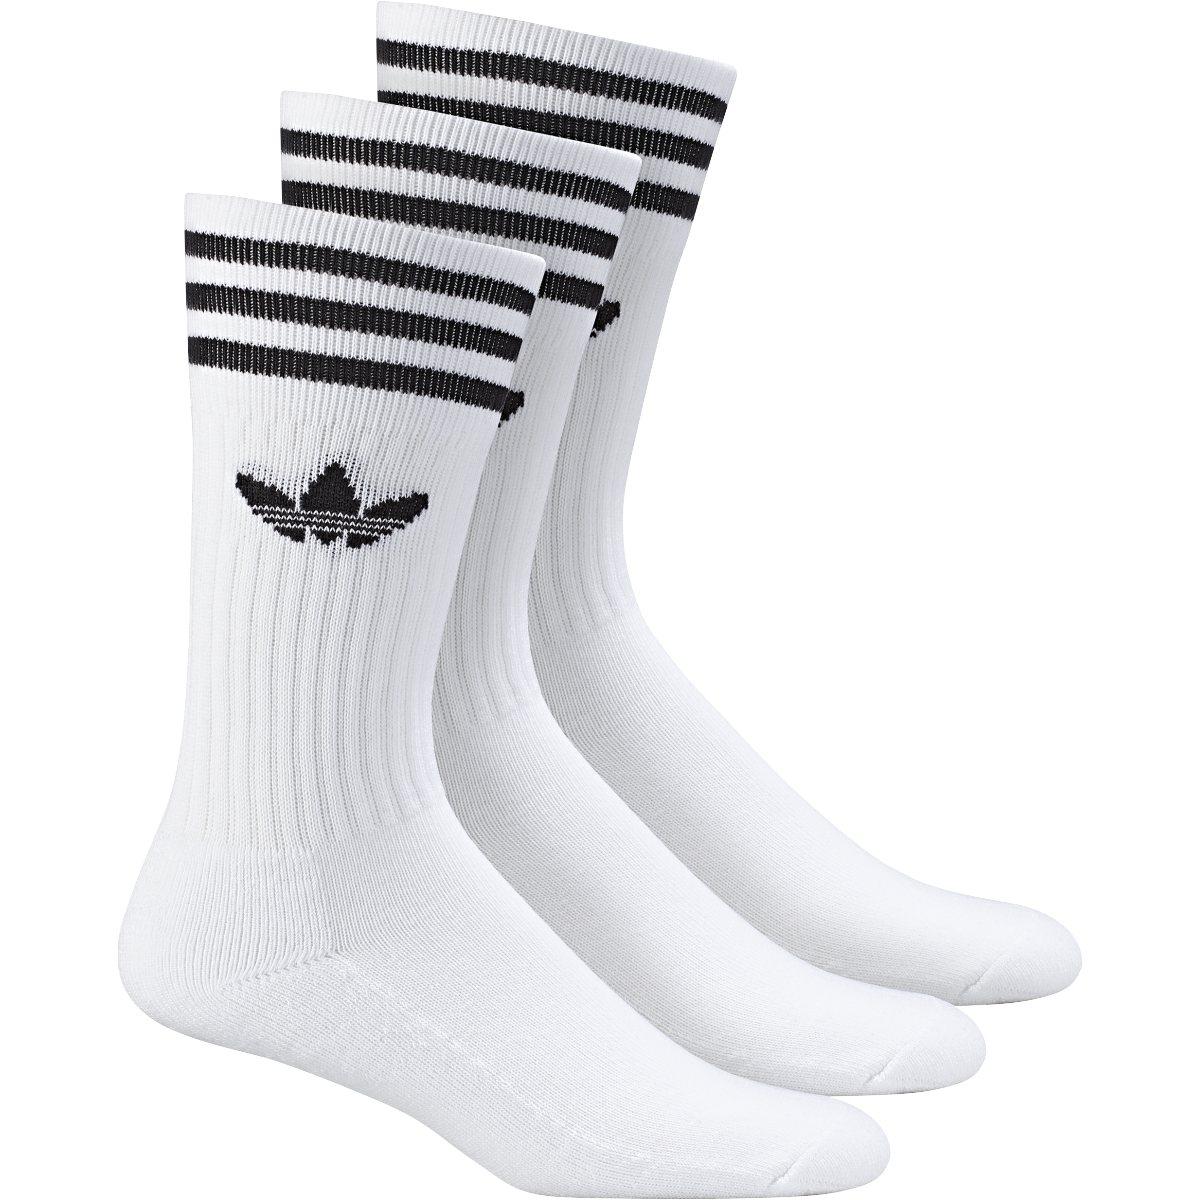 adidas Solid Crew Sock 3 Pack bílá 27-30 - Glami.cz 8f8d773ef4